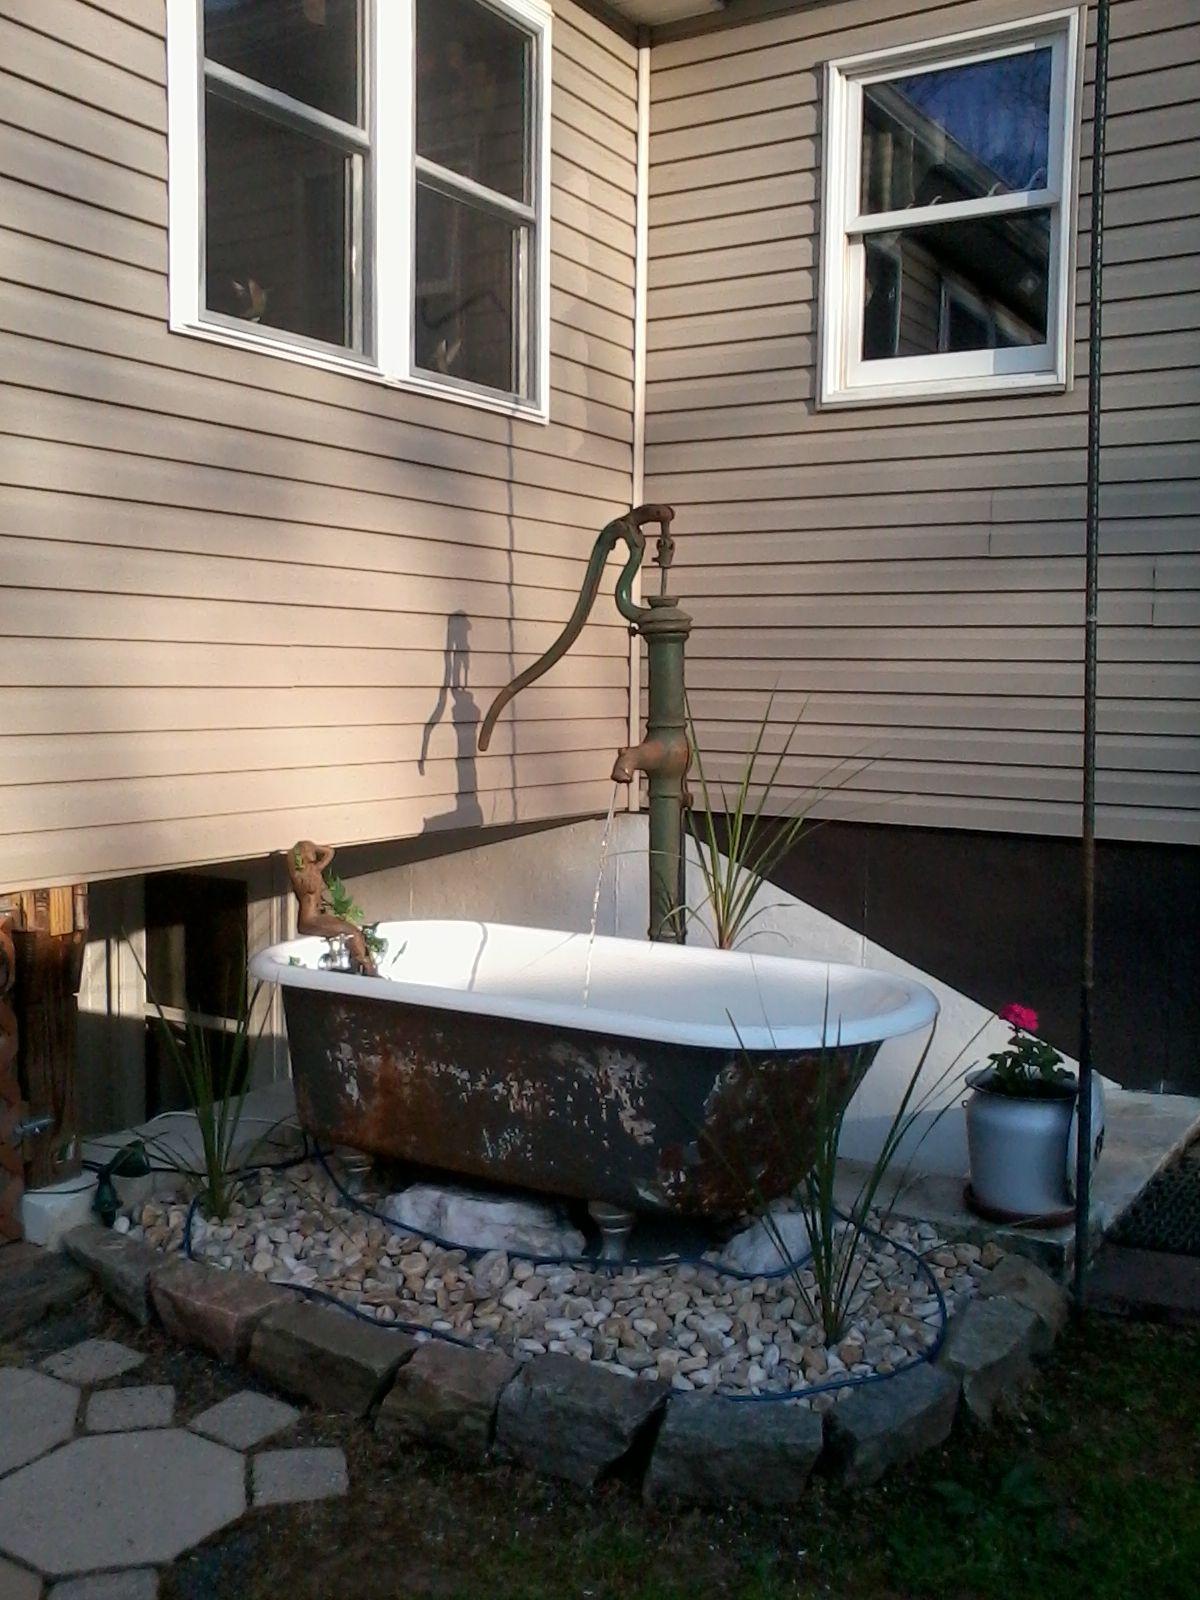 Pin Von Michelle Richardson Auf Garden Favorites Alte Badewanne Badewanne Garten Badewanne Im Freien